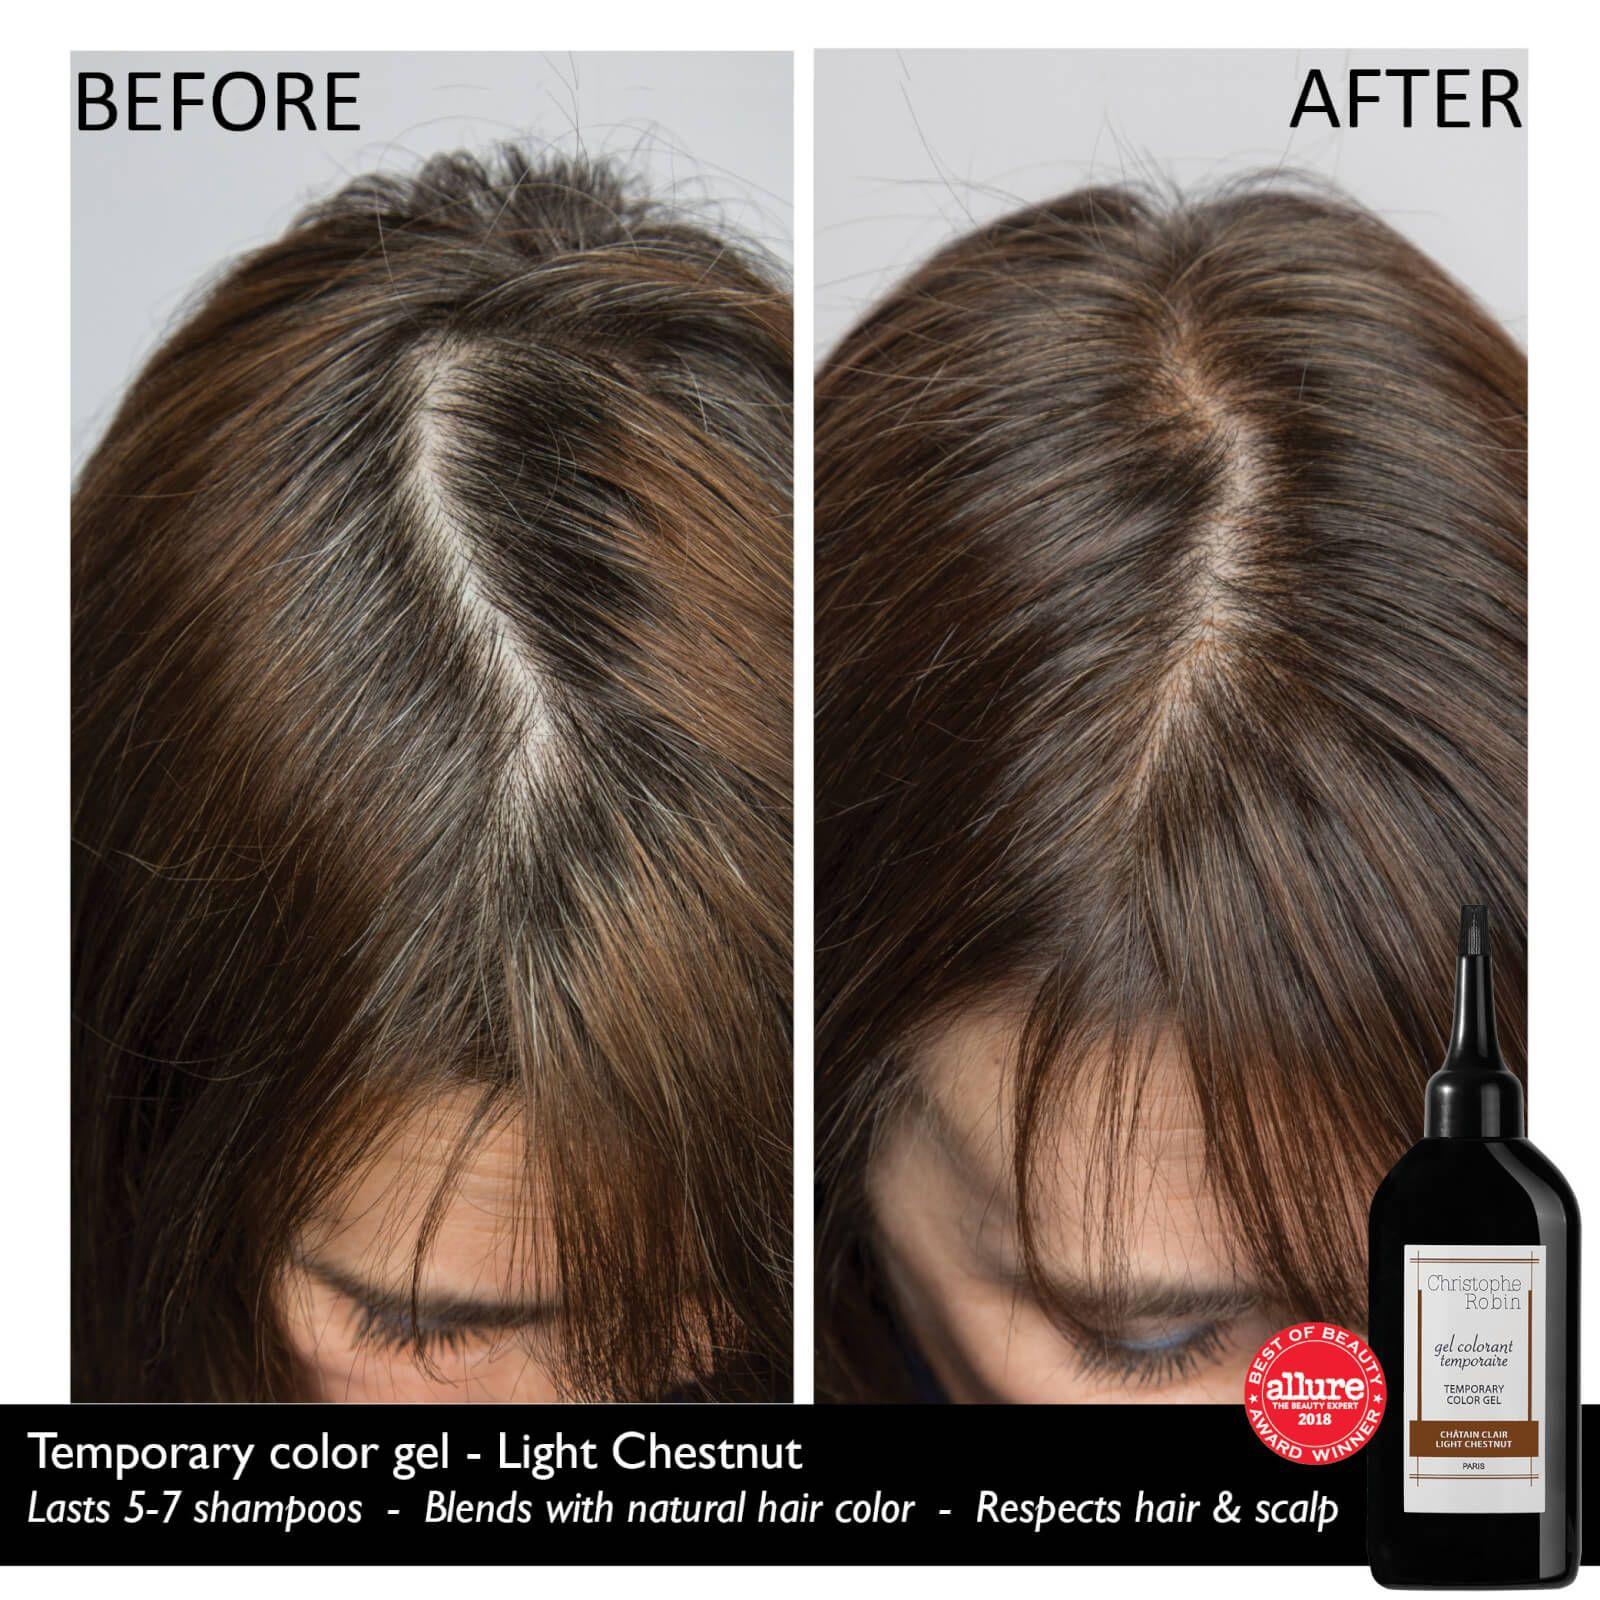 Christophe Robin Temporary Color Gel Light Chestnut 100ml In 2021 How To Lighten Hair Vibrant Hair Colors Hair To Go